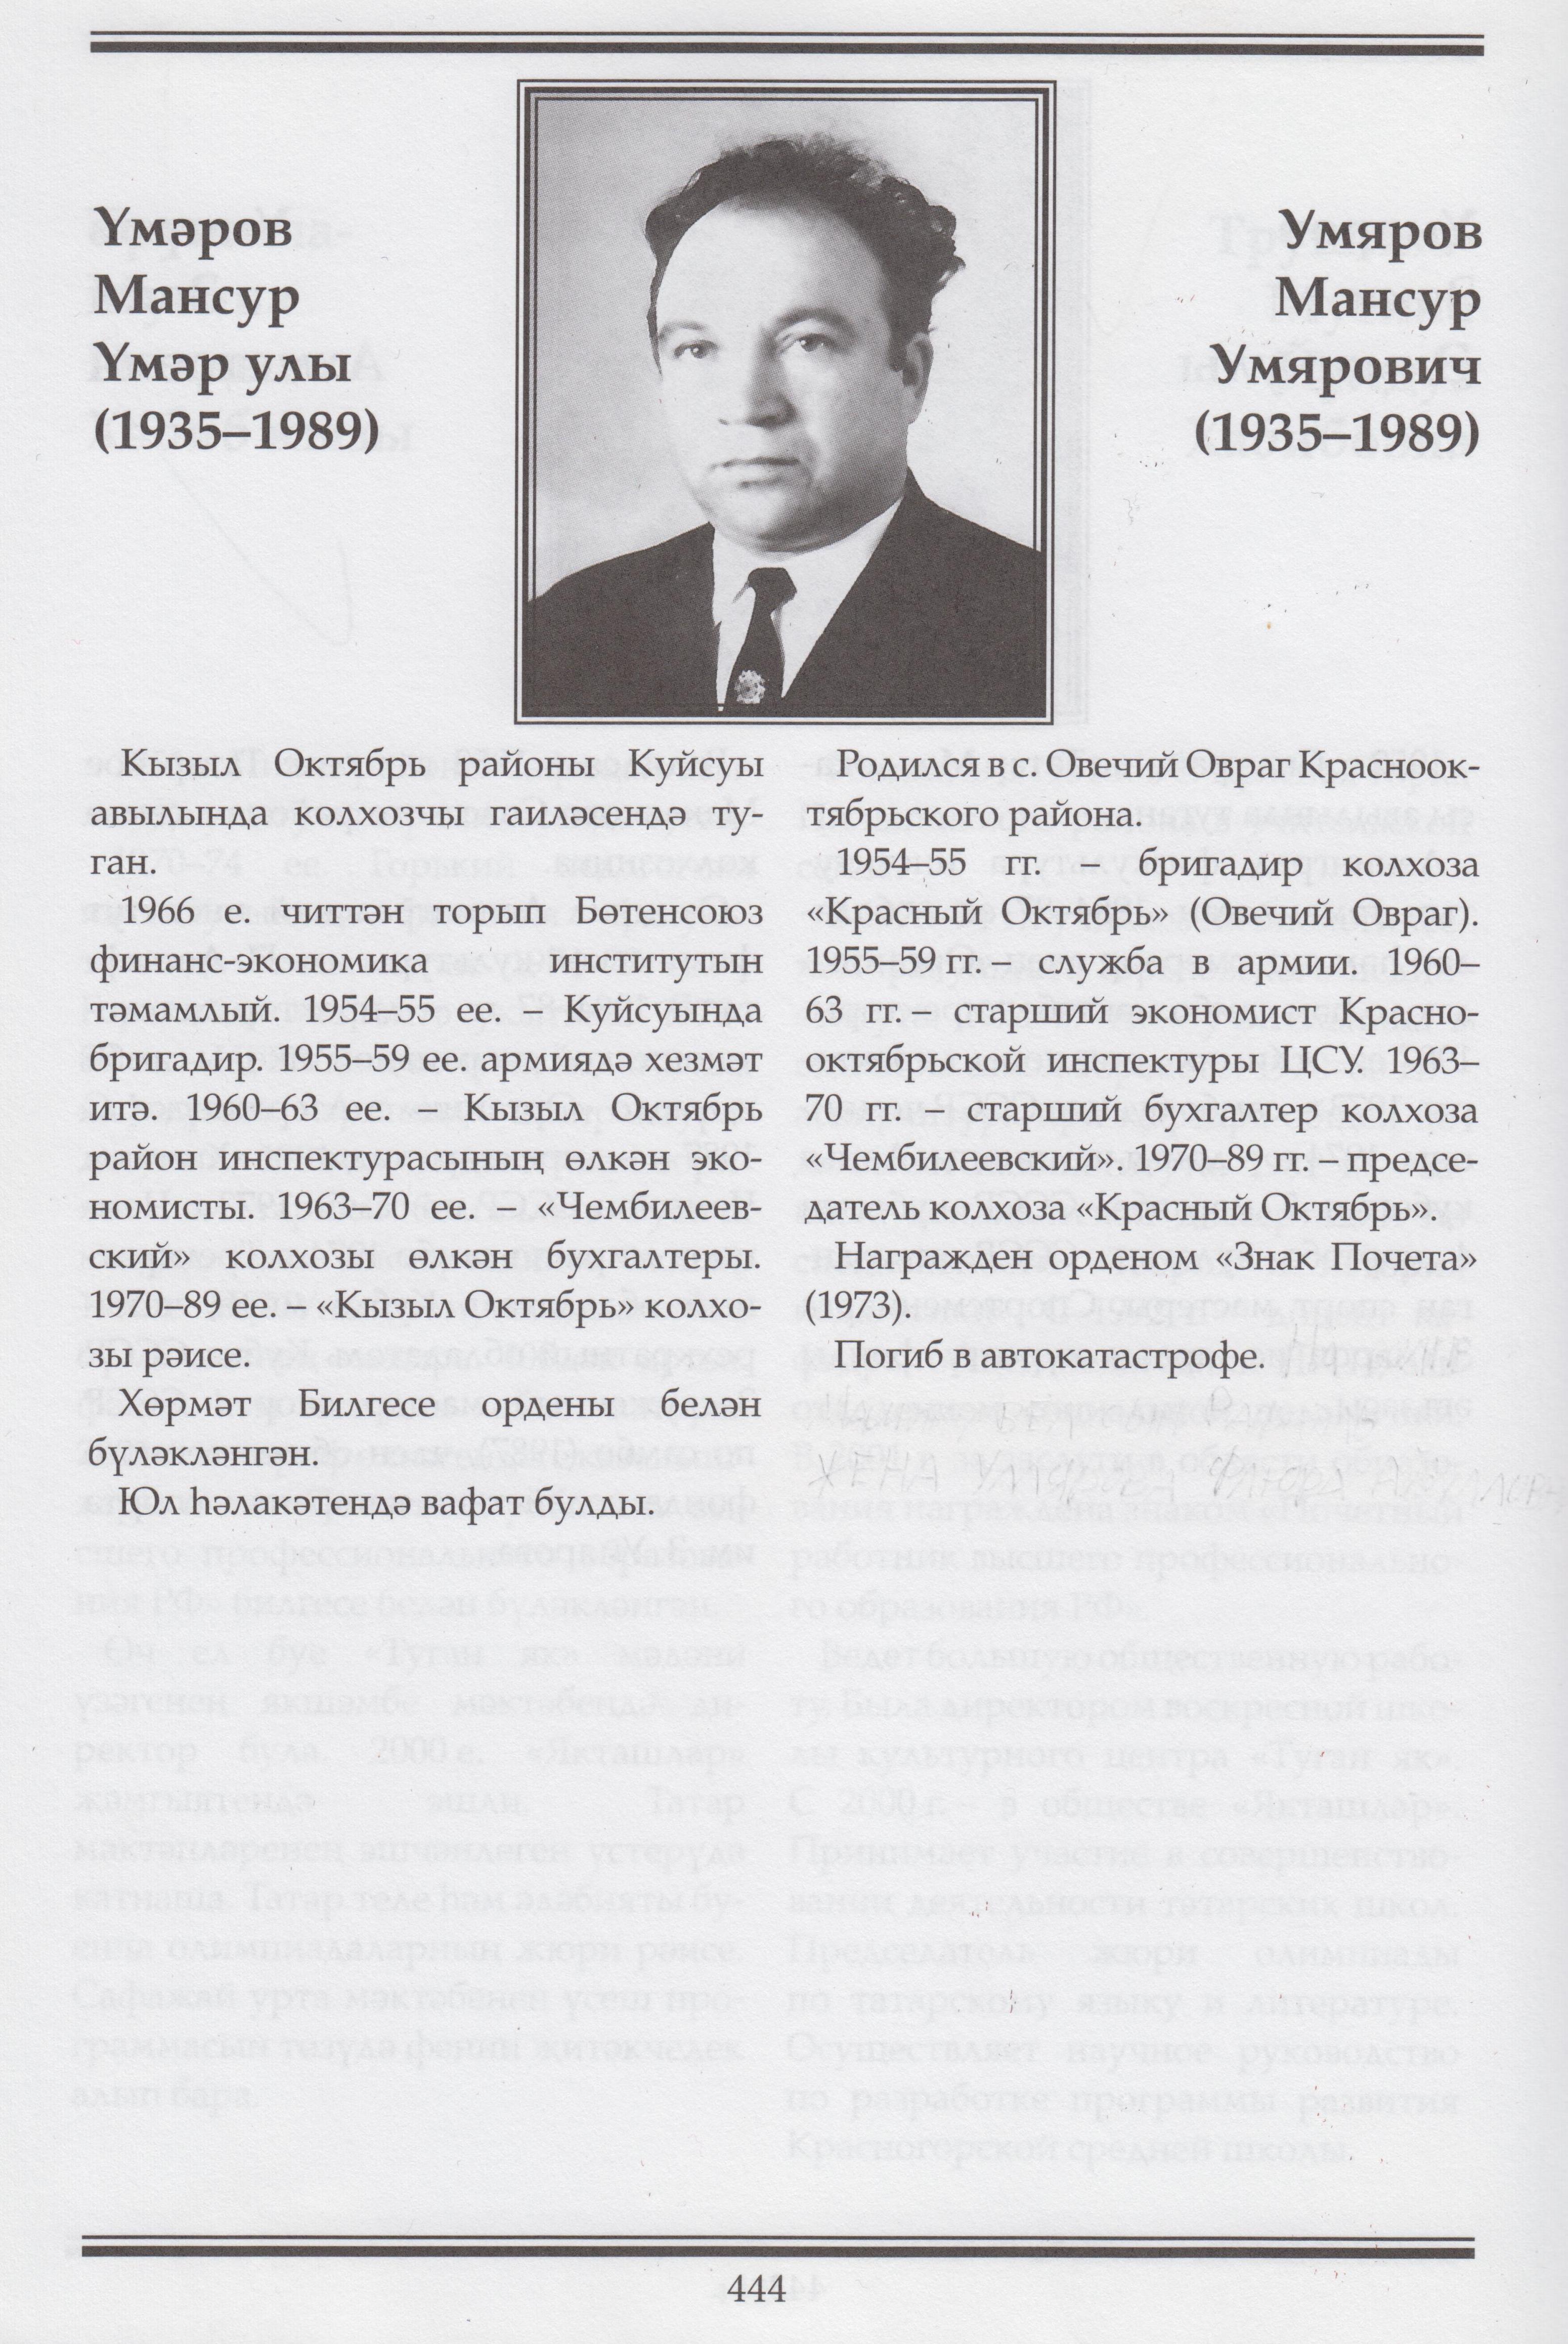 Умяров Мансур Умяр улы